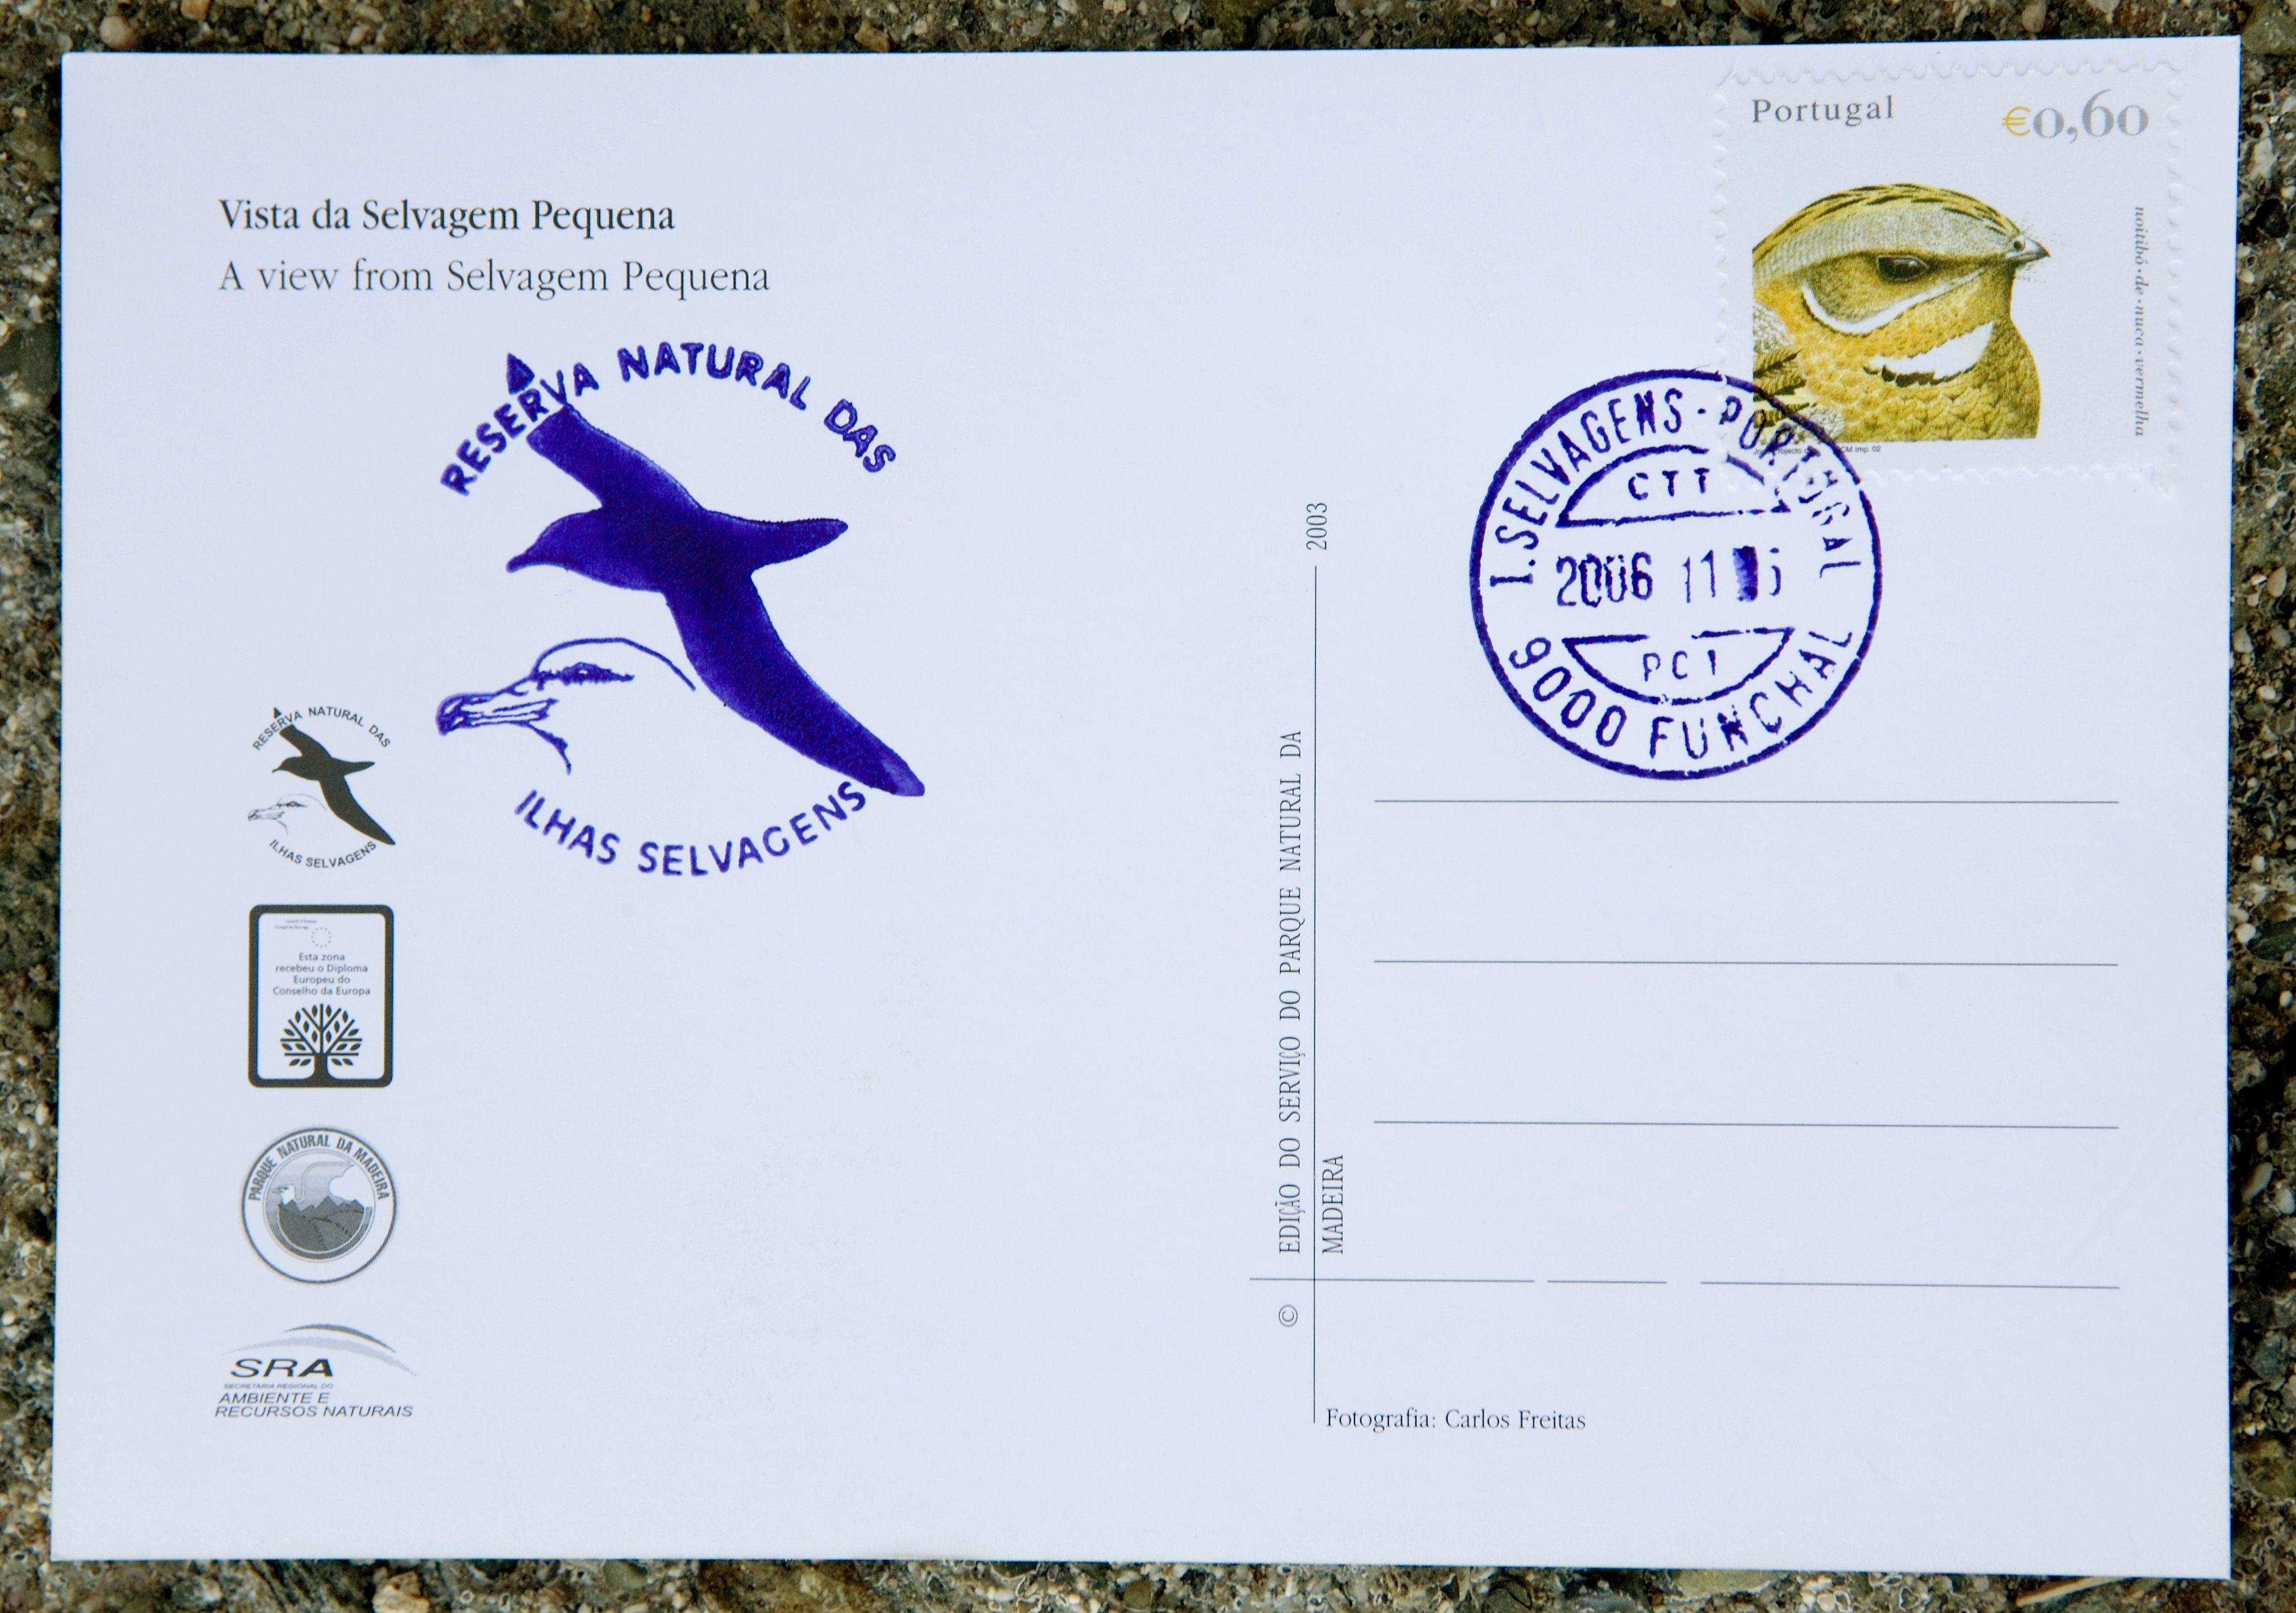 Charente : une carte postale a mis près de 90 ans avant d'arriver à destination